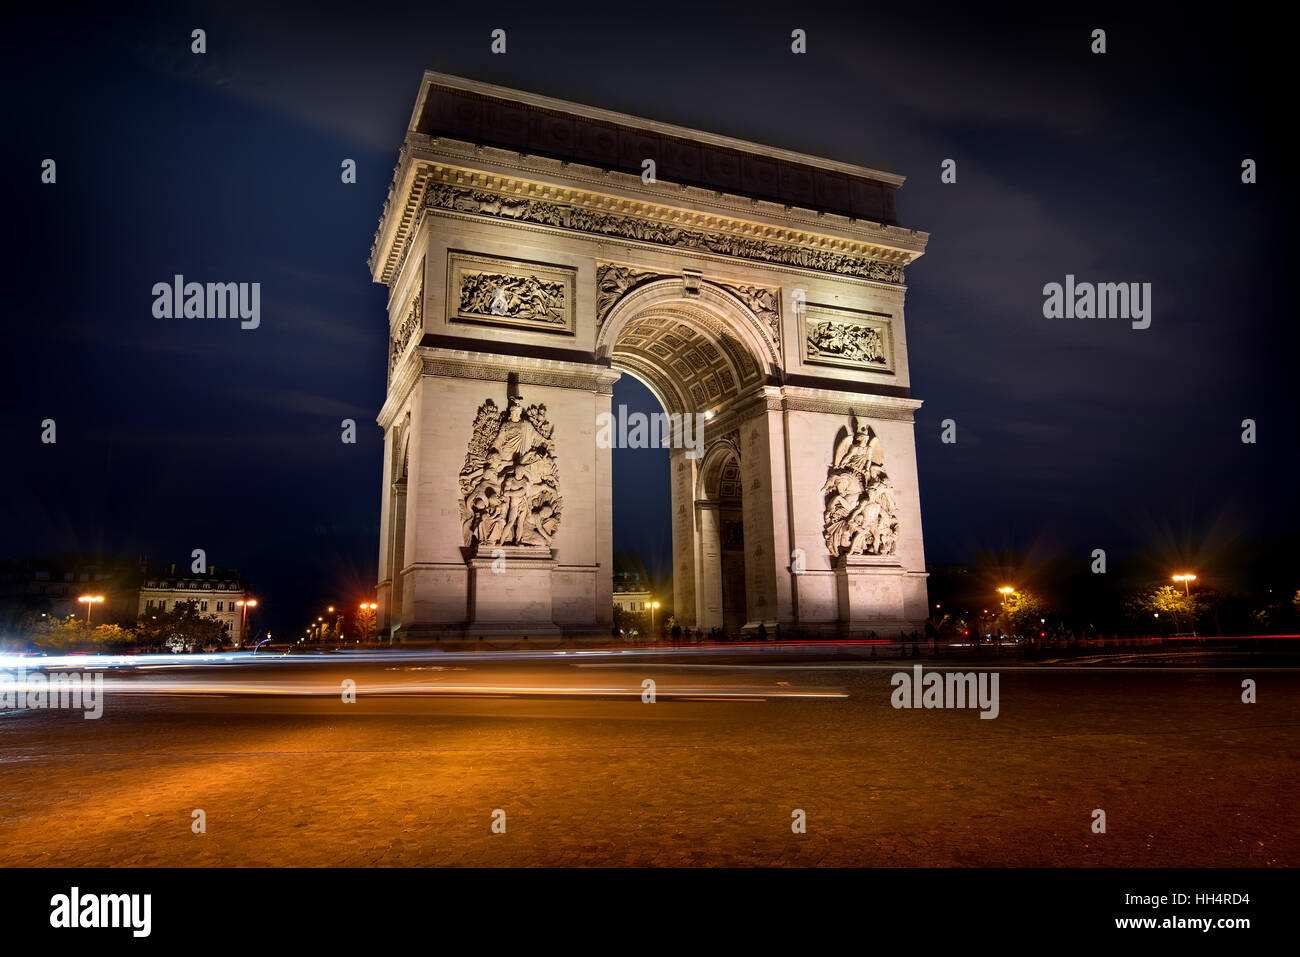 Illuminated Arc de Triomphe in Paris, France - Stock Image